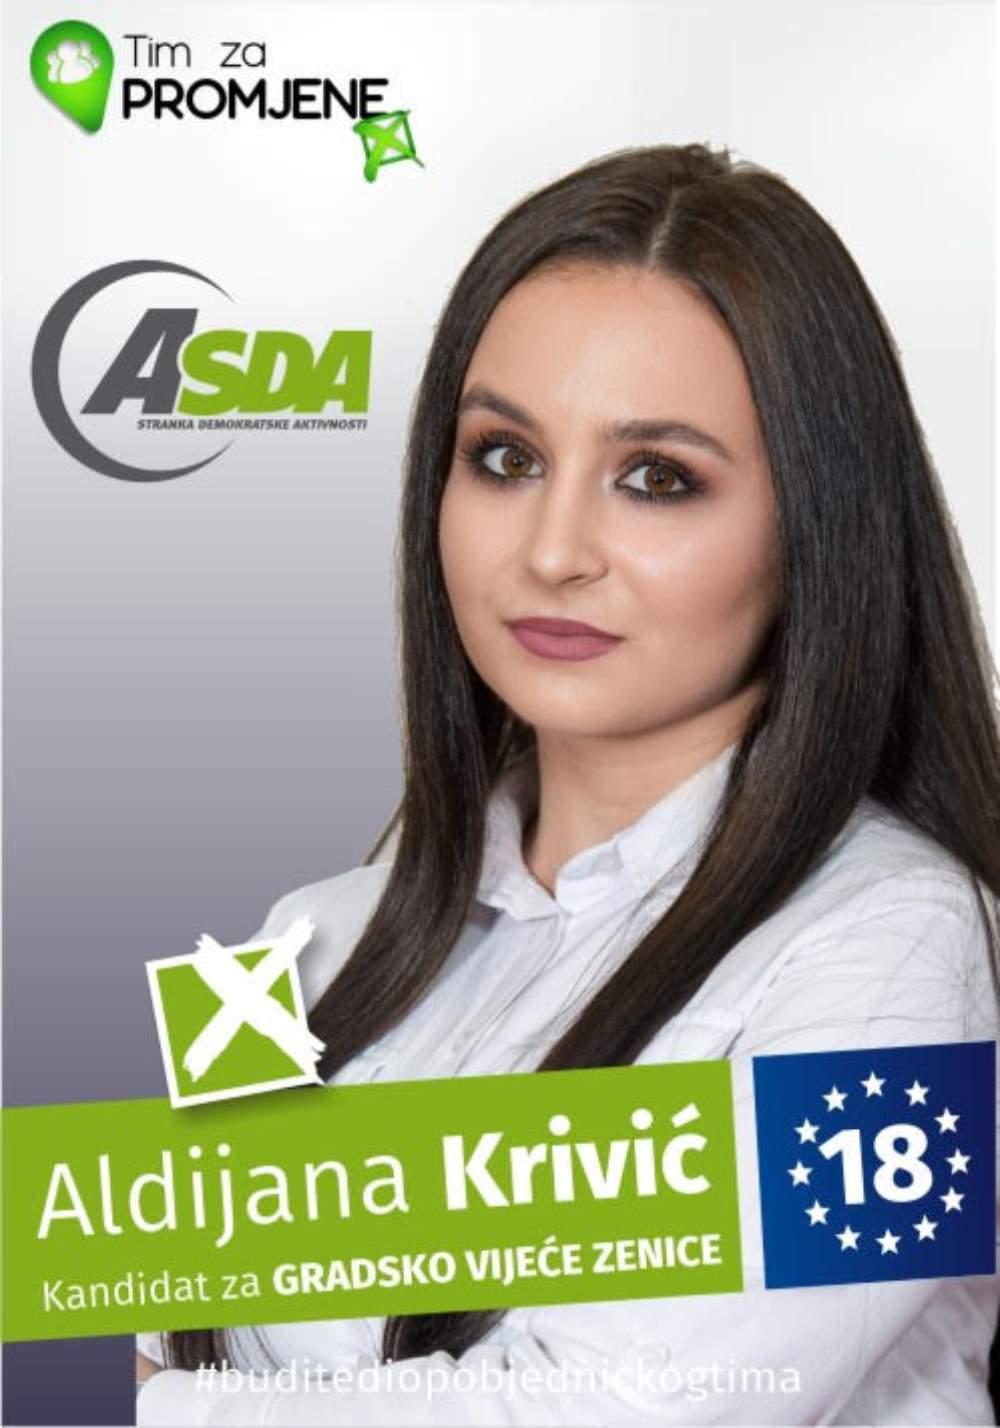 Aldijana Krivić